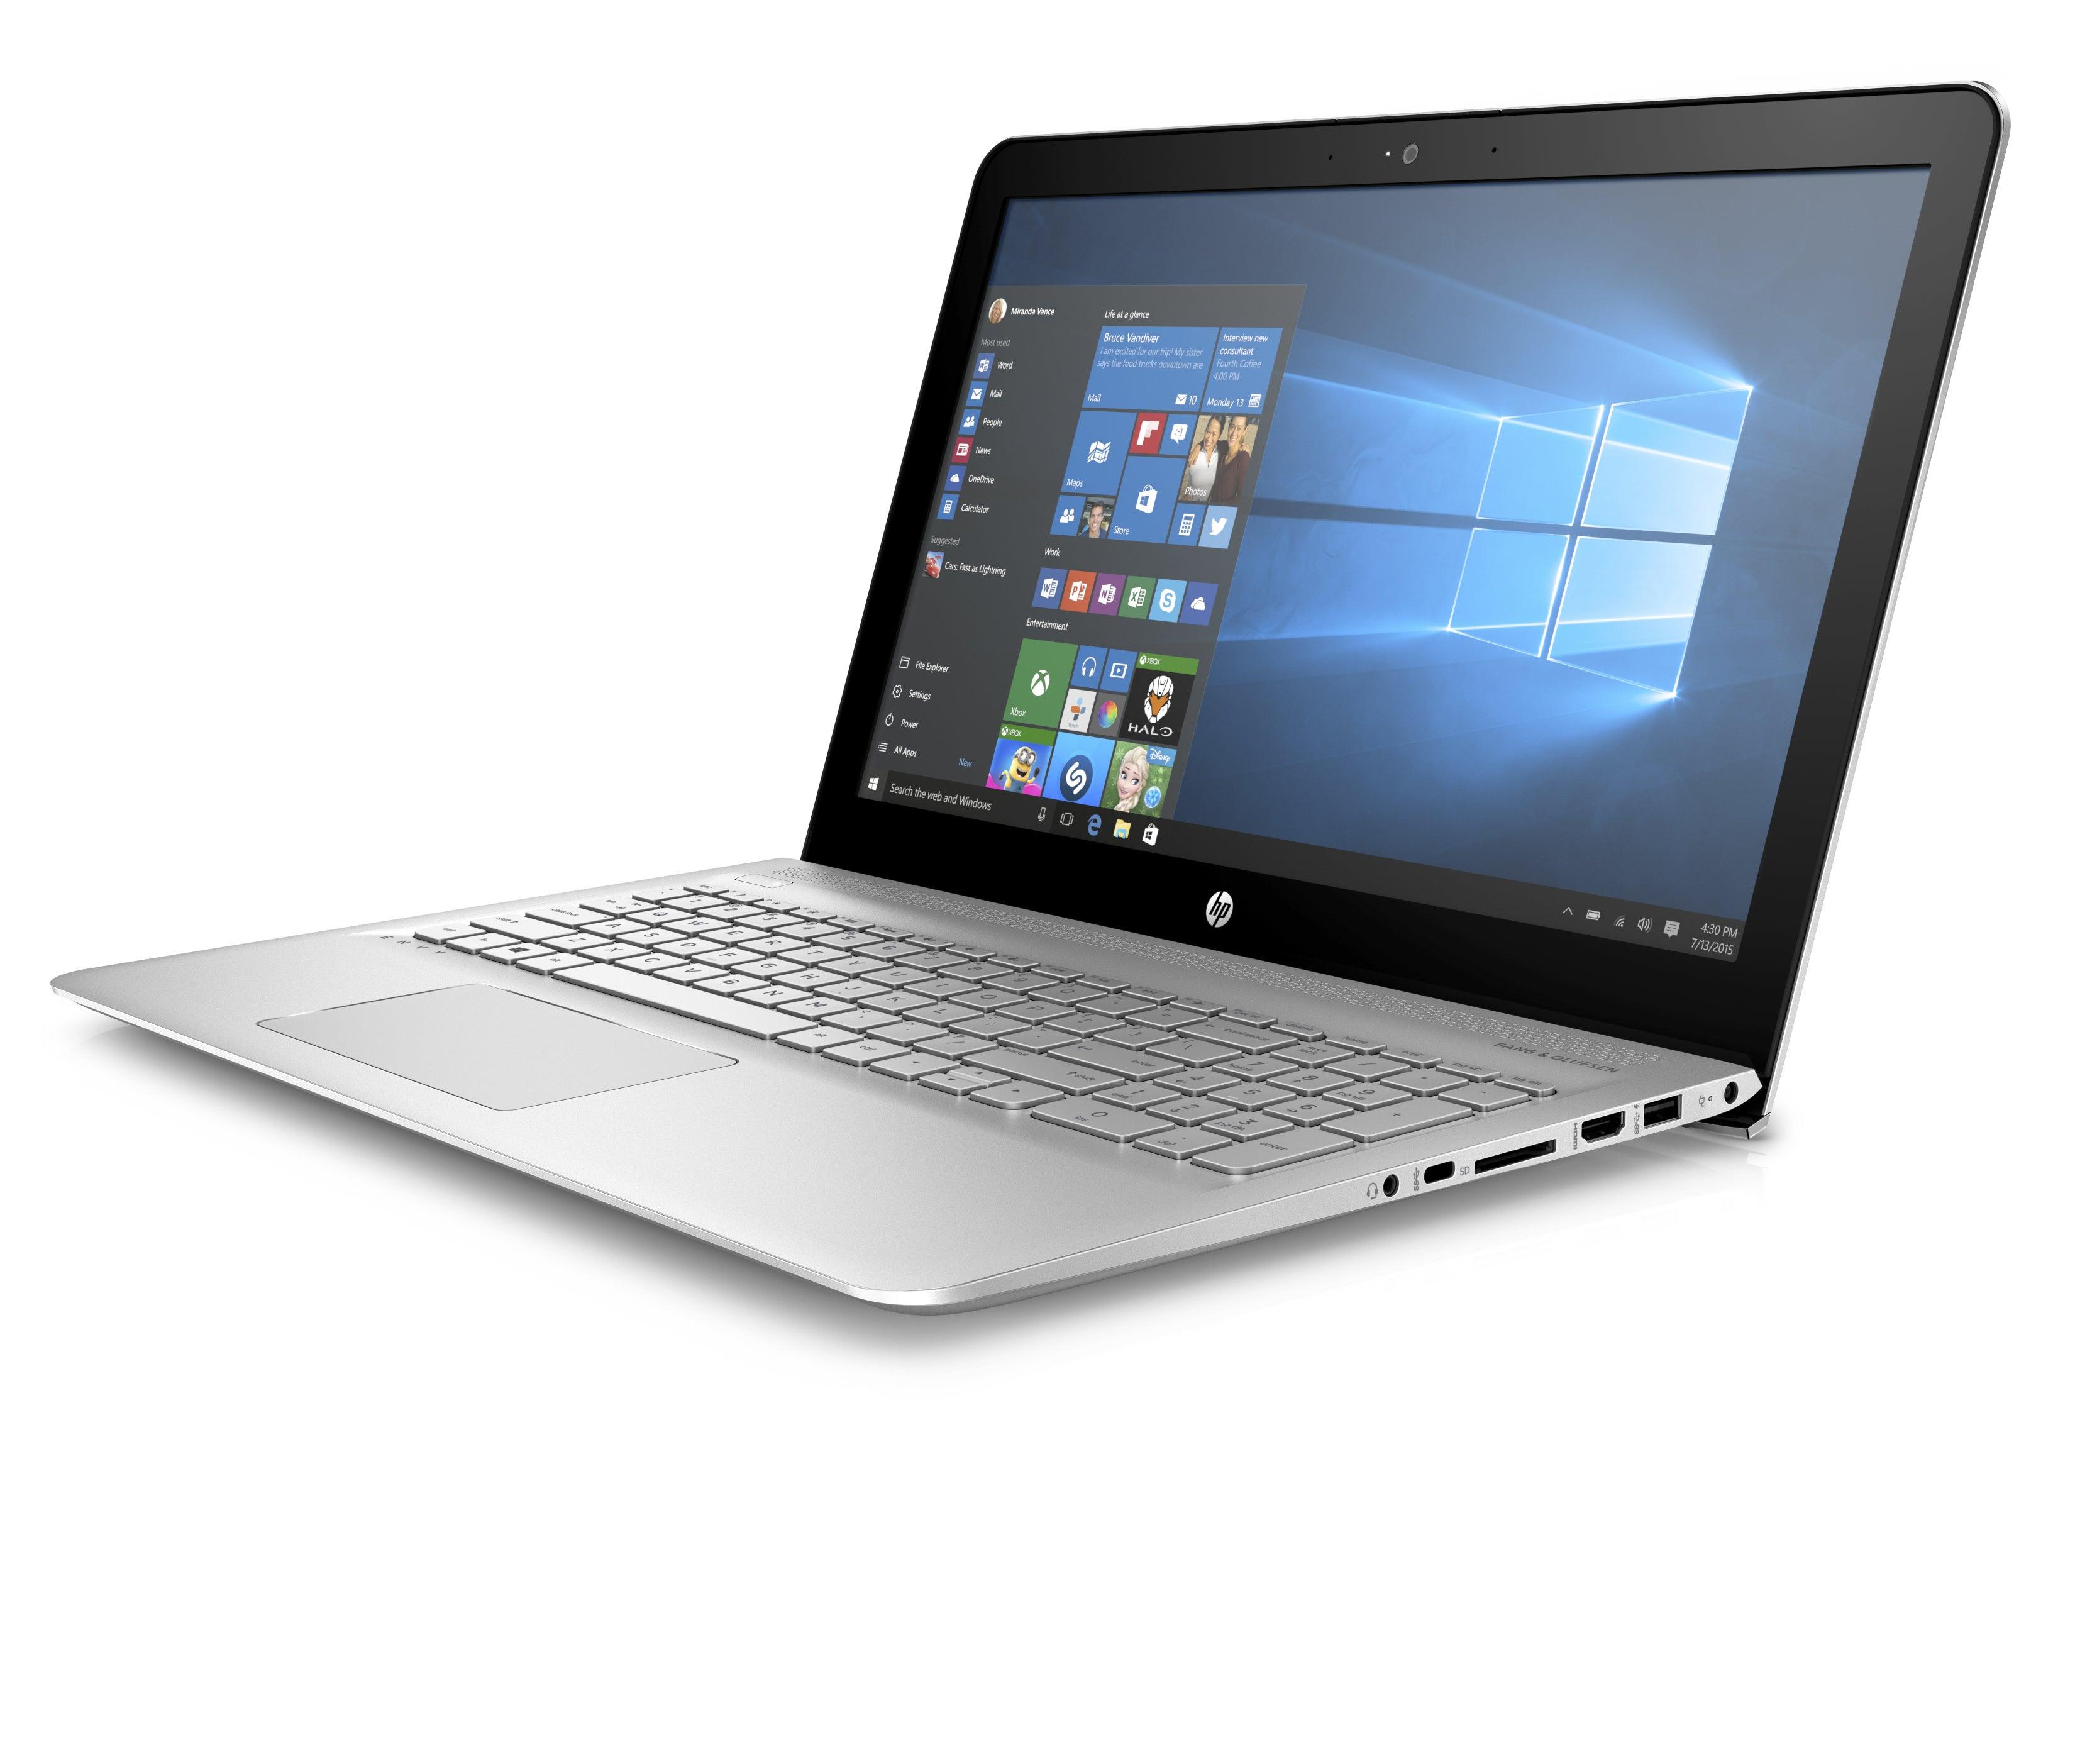 Hp S Envy Laptops Pack Longer Battery Life And Amd S New